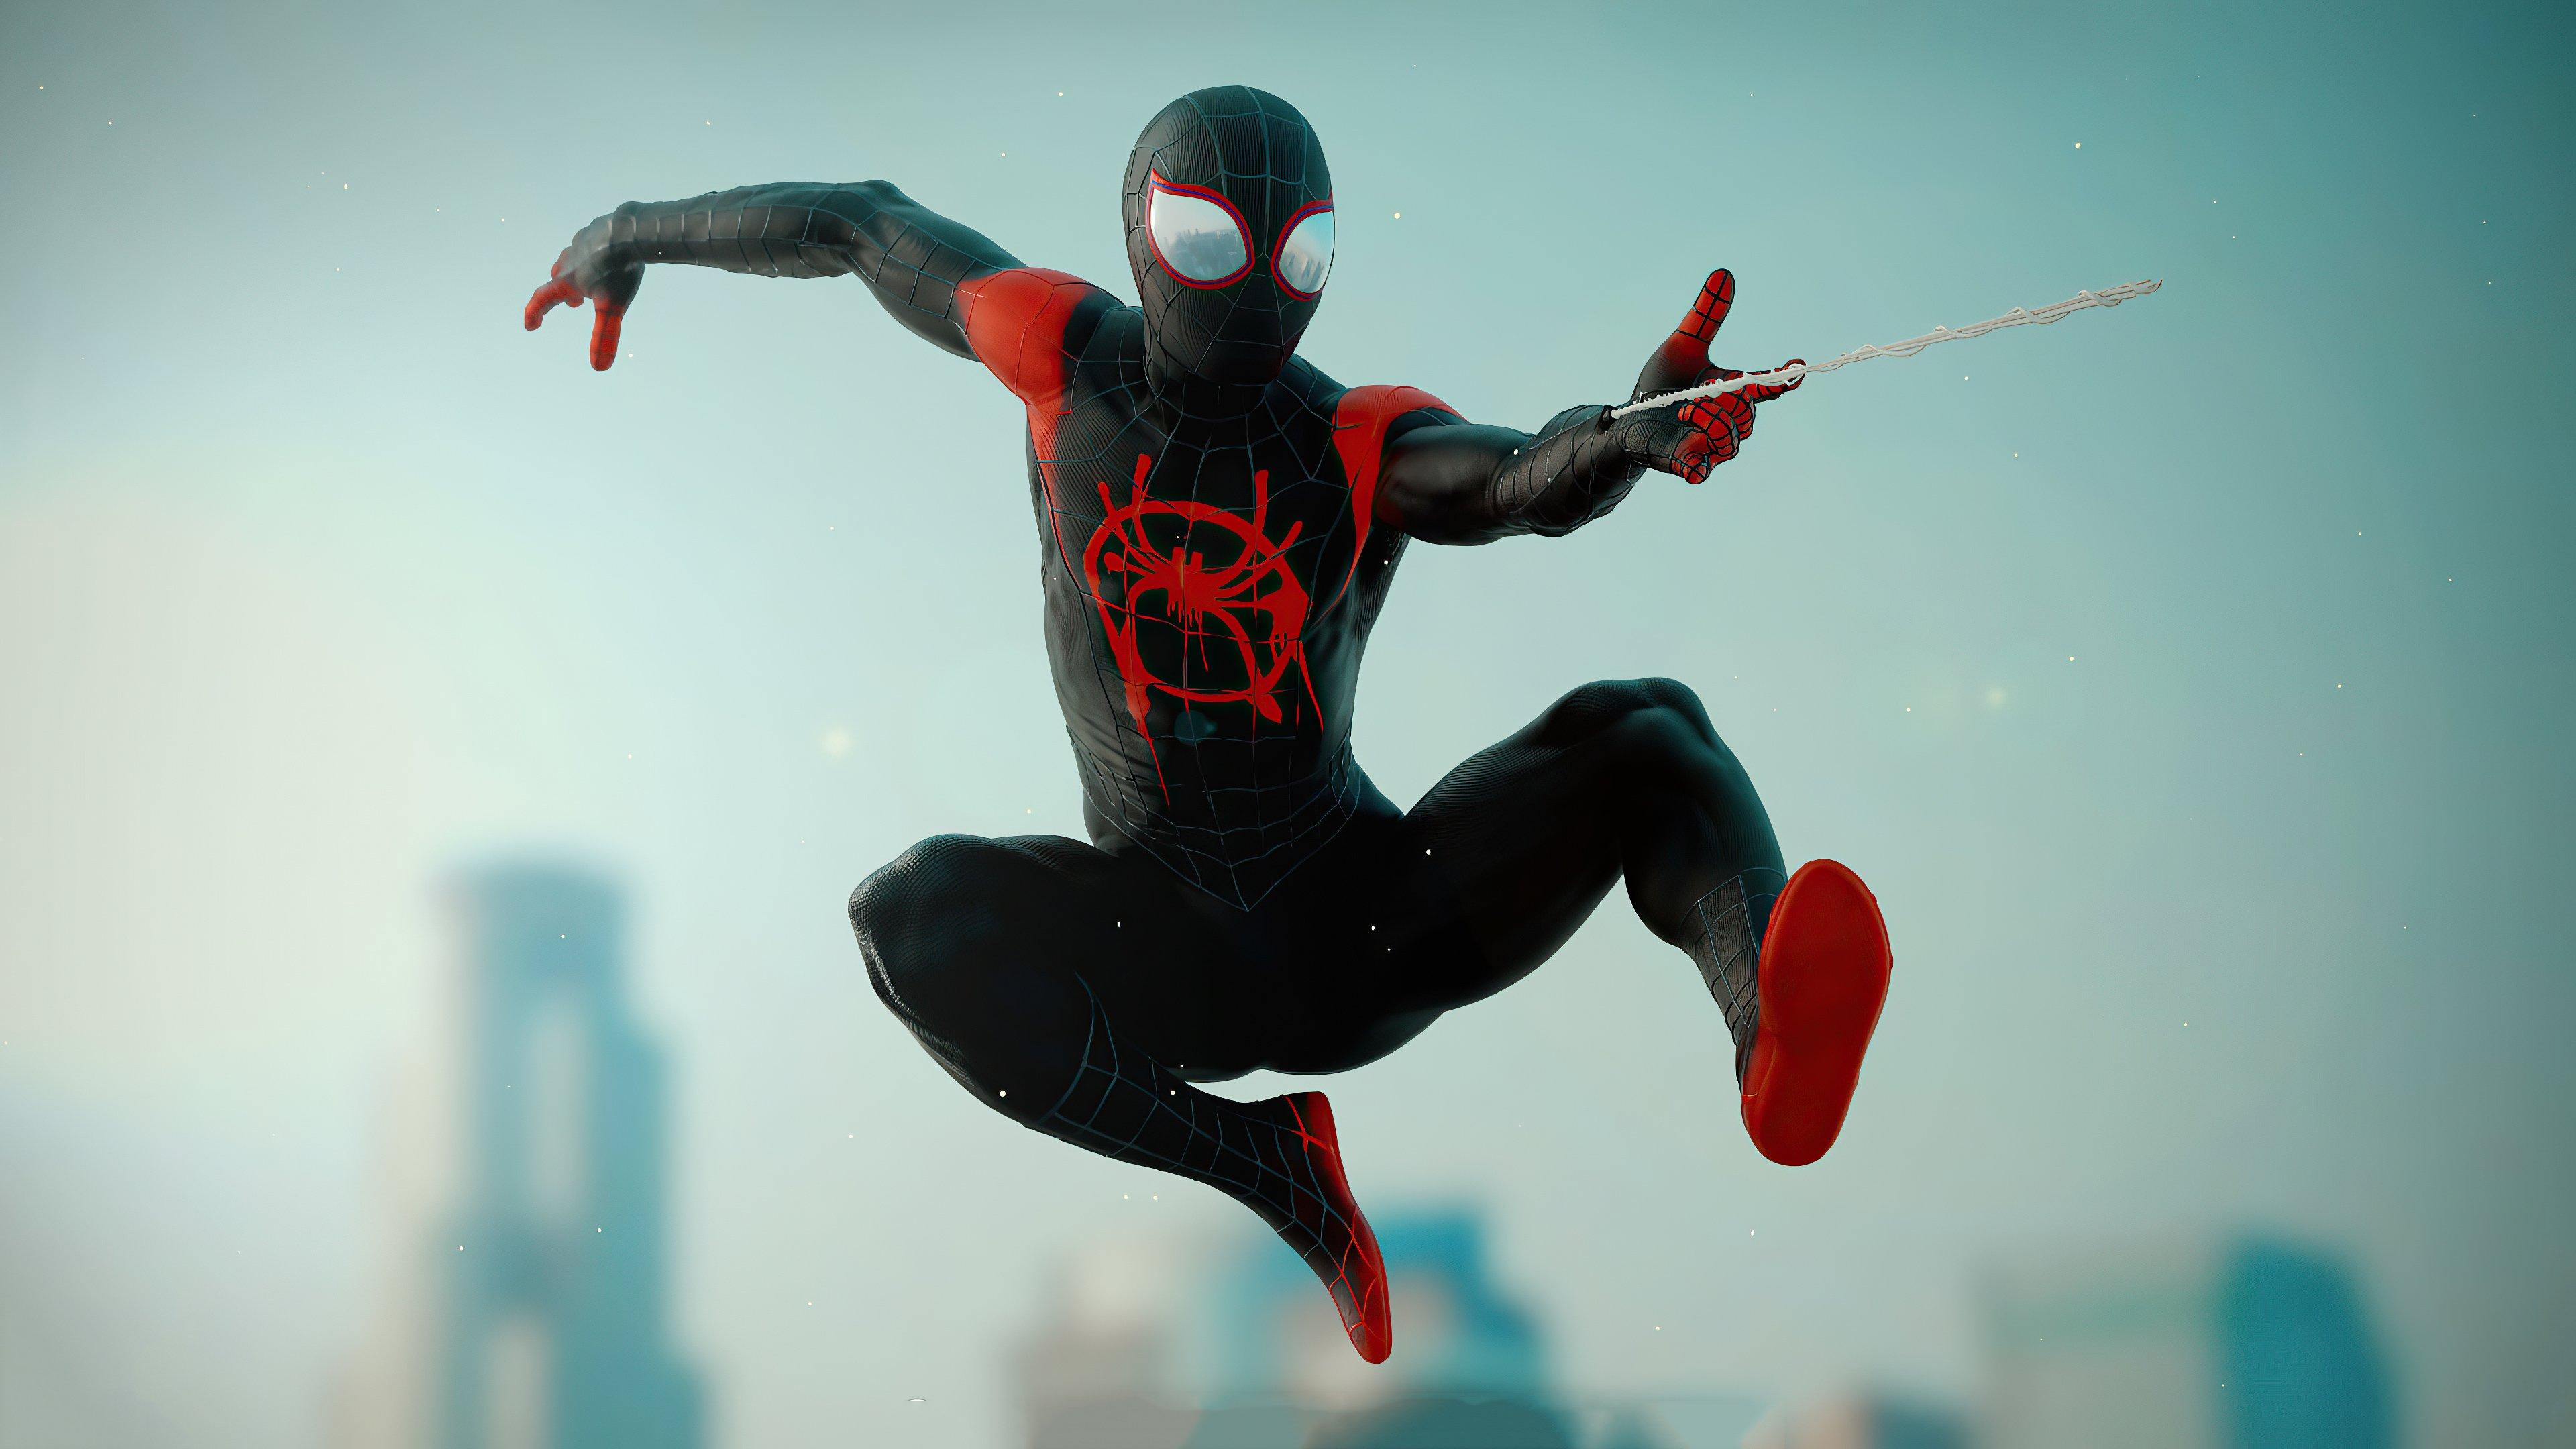 Fondos de pantalla Miles Morales como Spiderman 2020